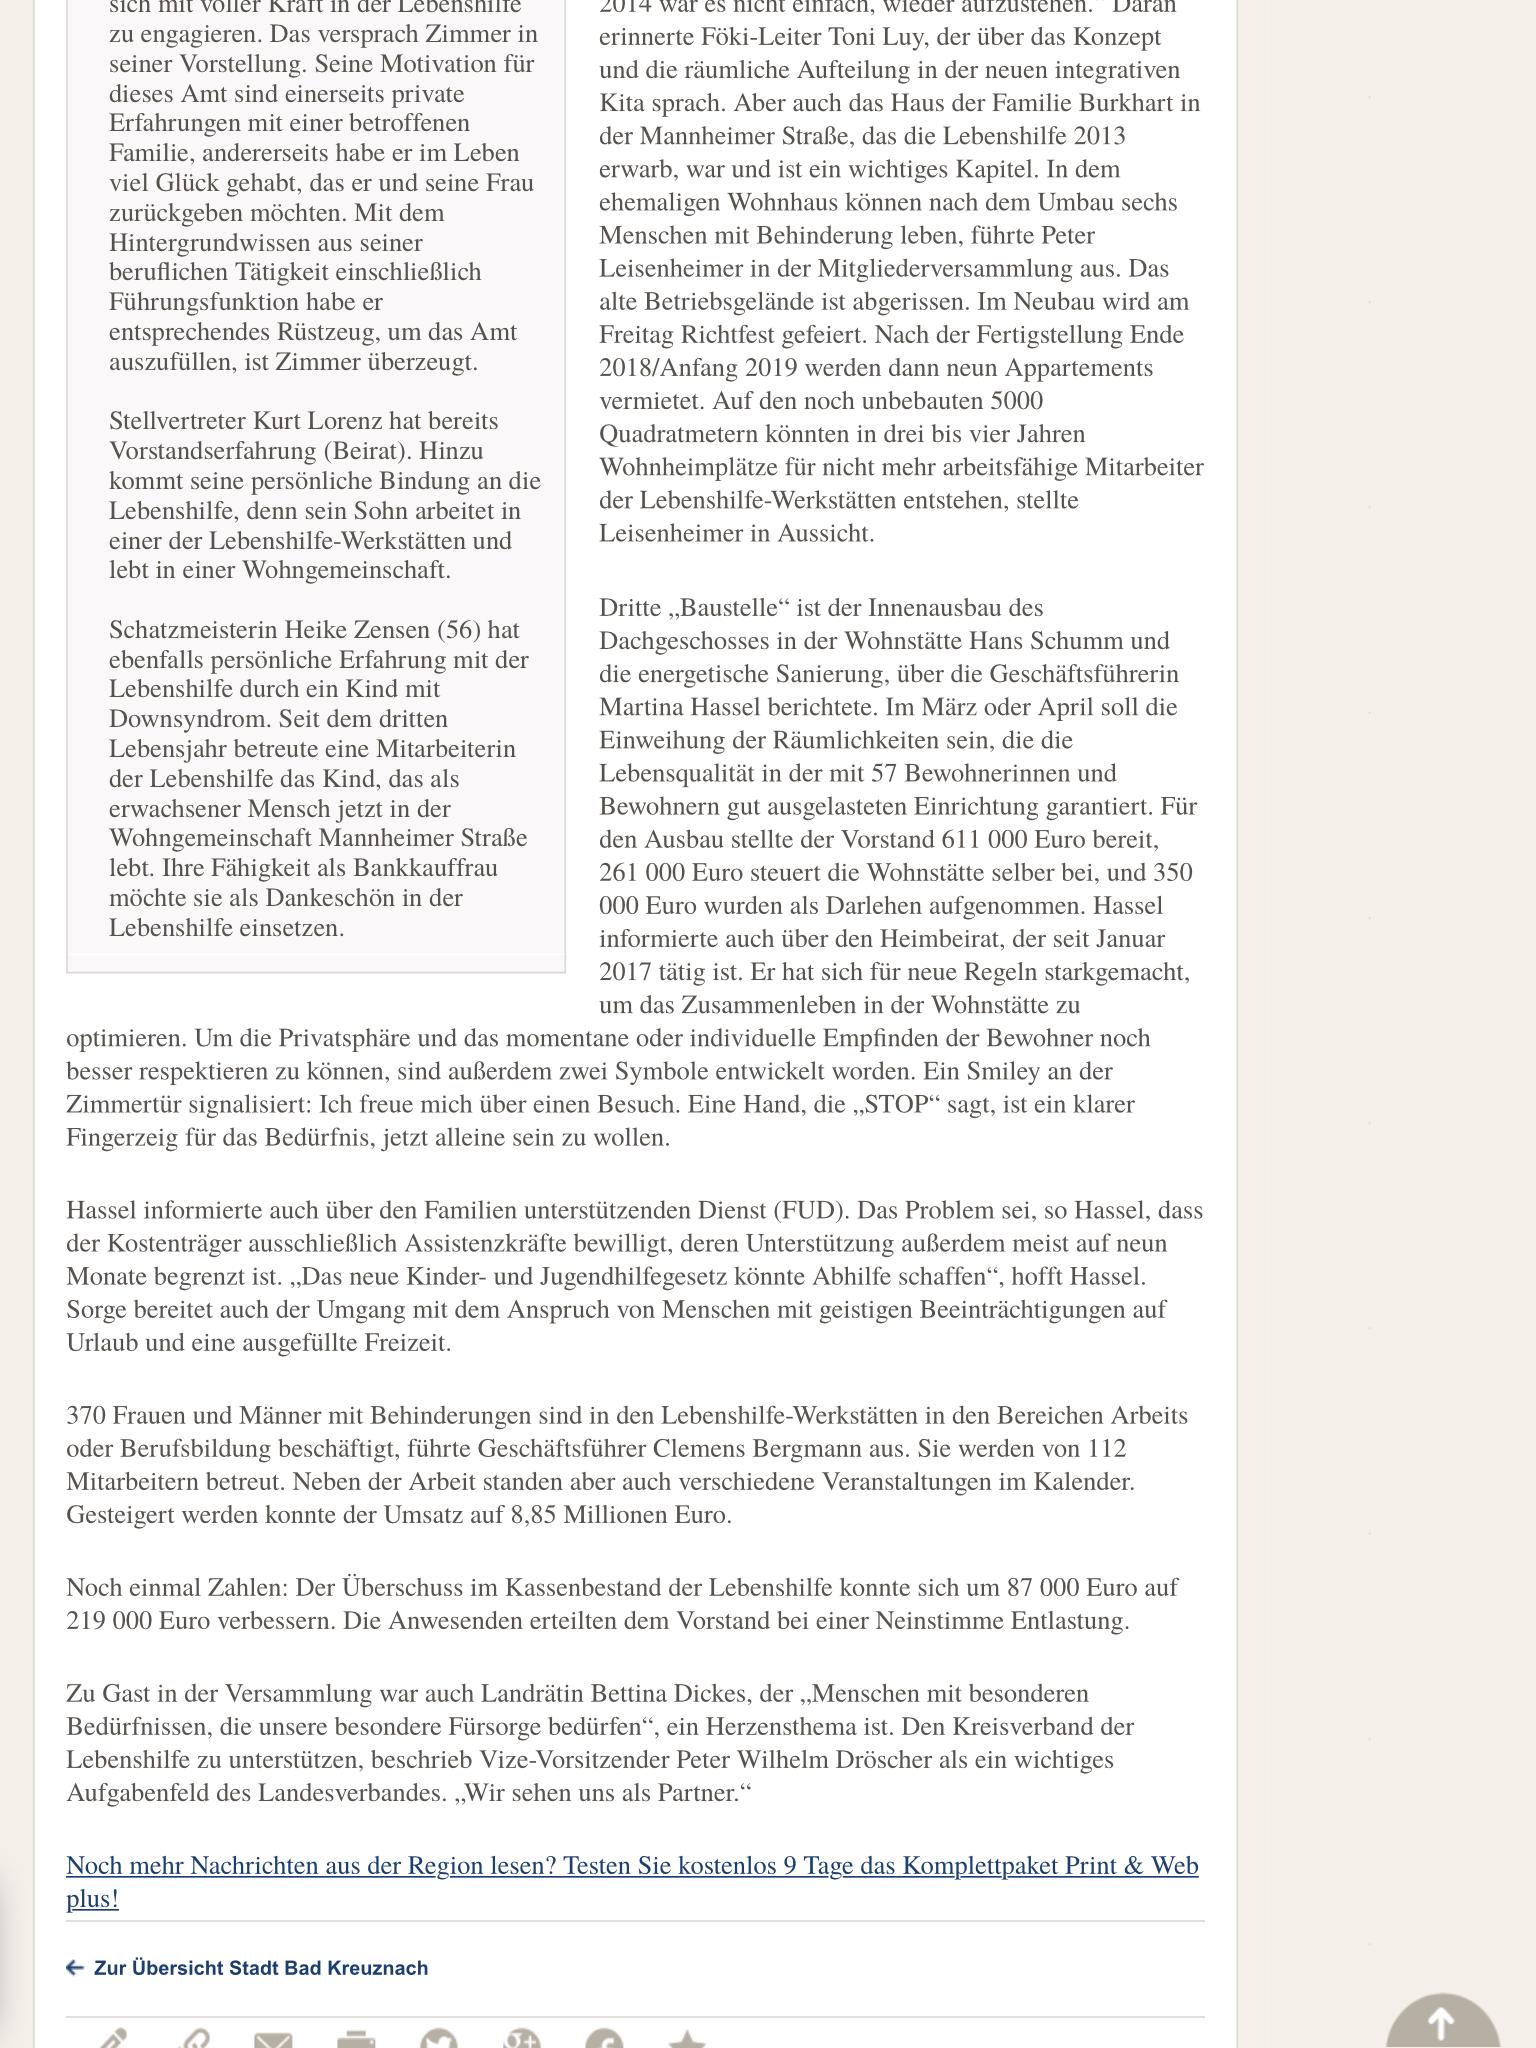 Presseartikel Neuer Vorstand 29.11.2017